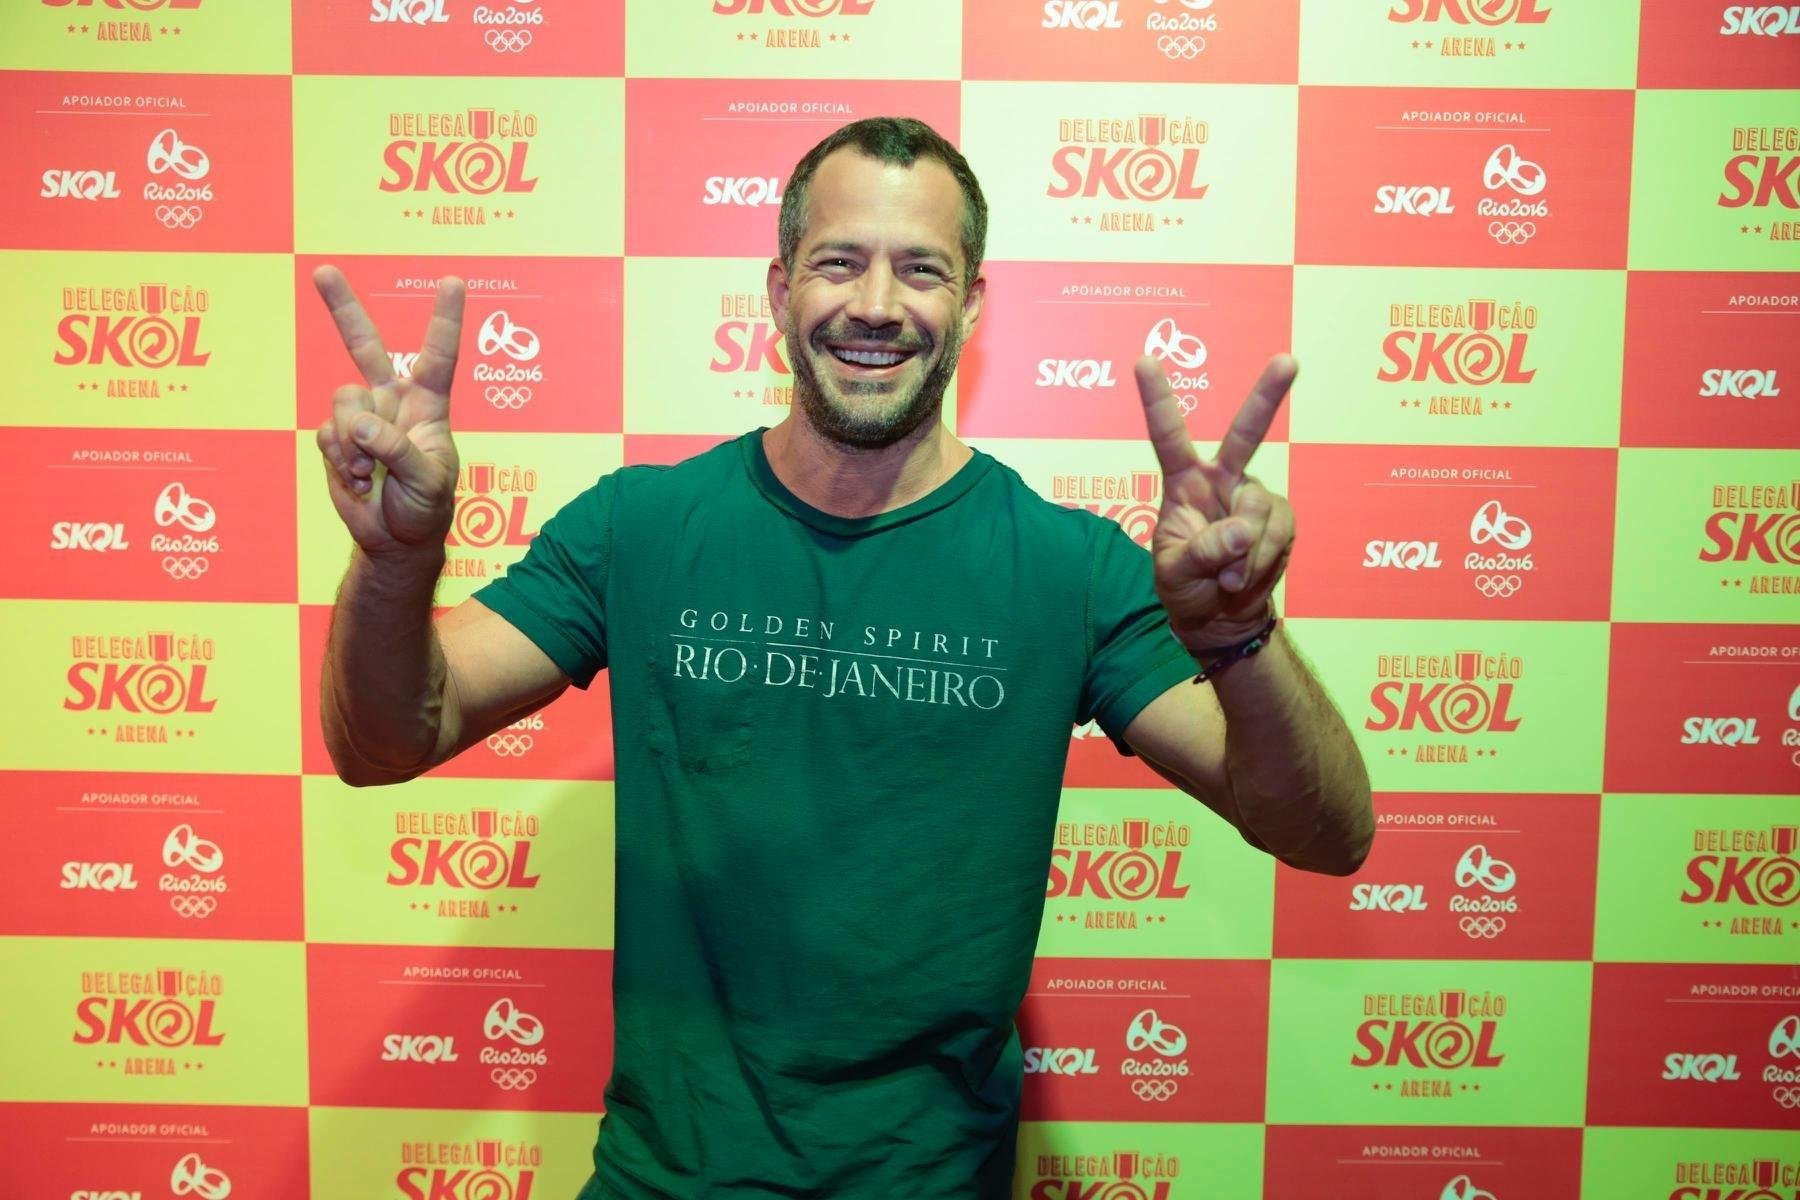 Malvino Salvador foi à Arena Skol acompanhar o jogo de vôlei entre Brasil e Rússia